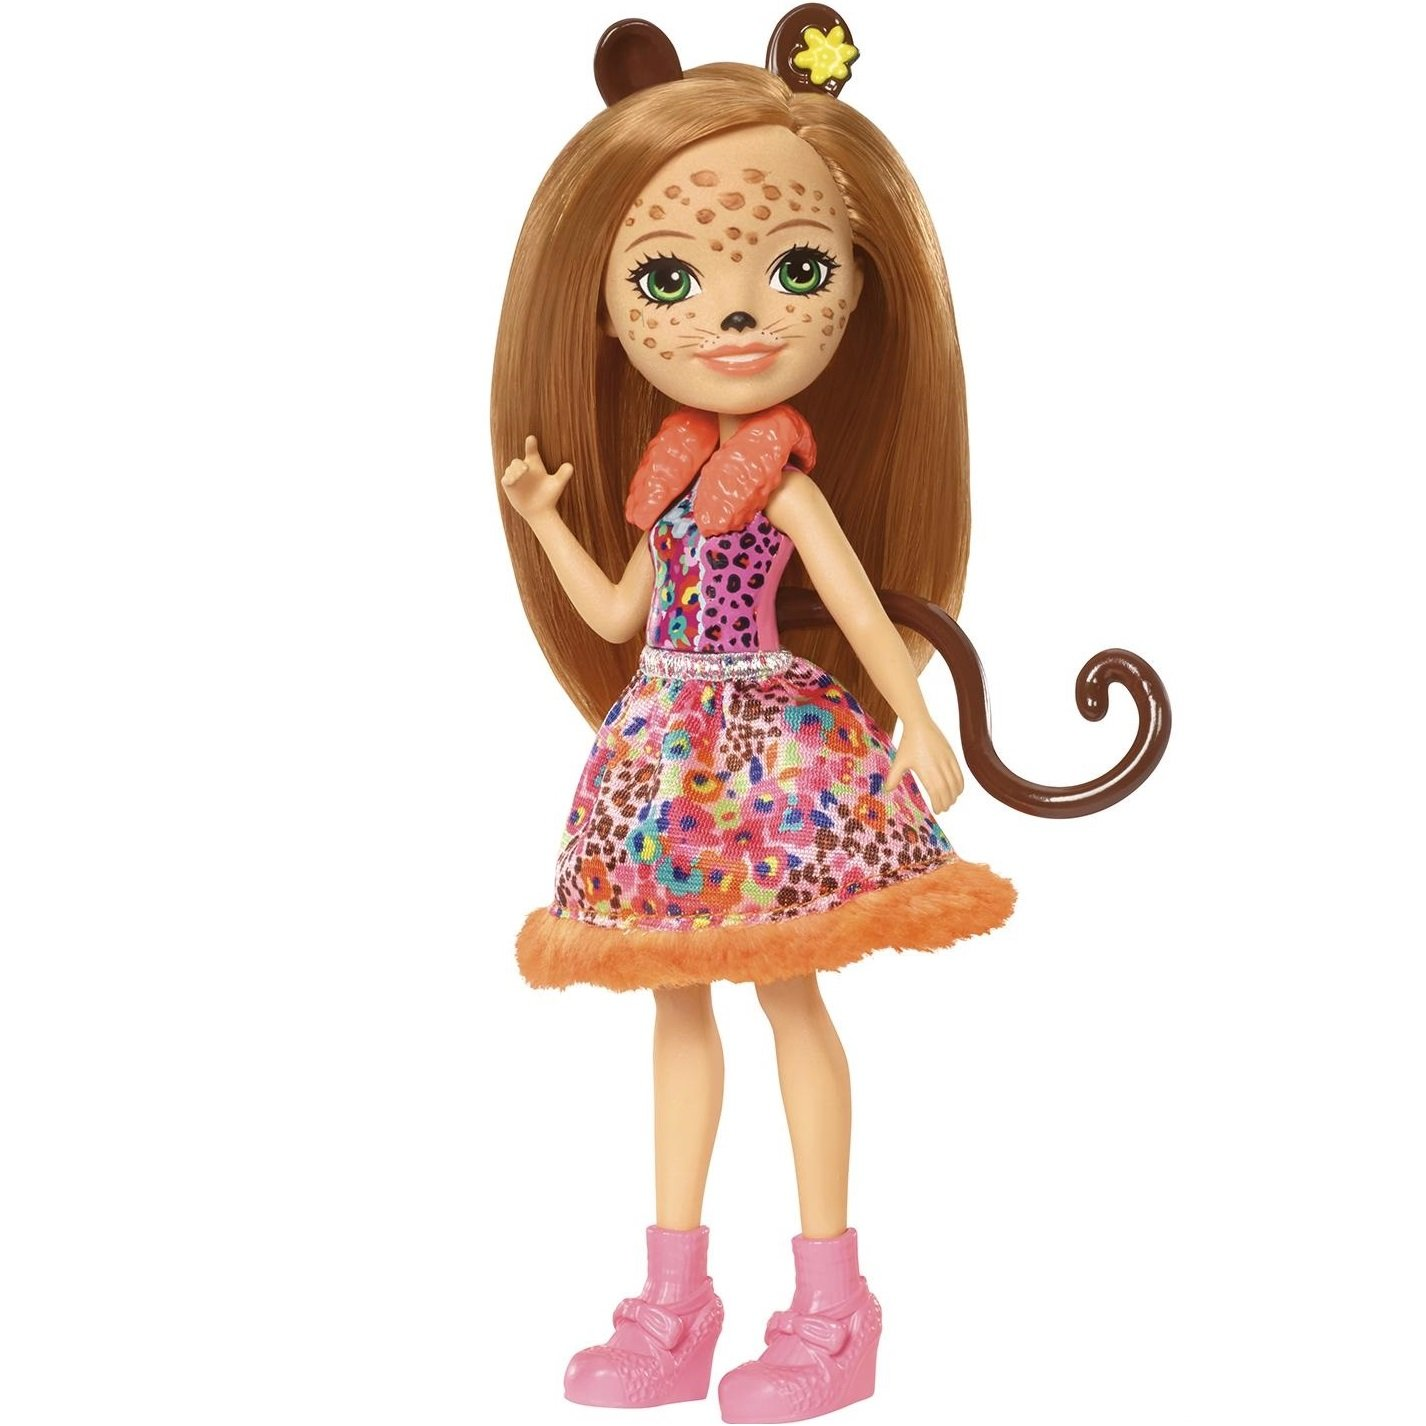 bca84c5ed1c1 Интернет магазин детских товаров и игрушек в Москве, игрушки и ...